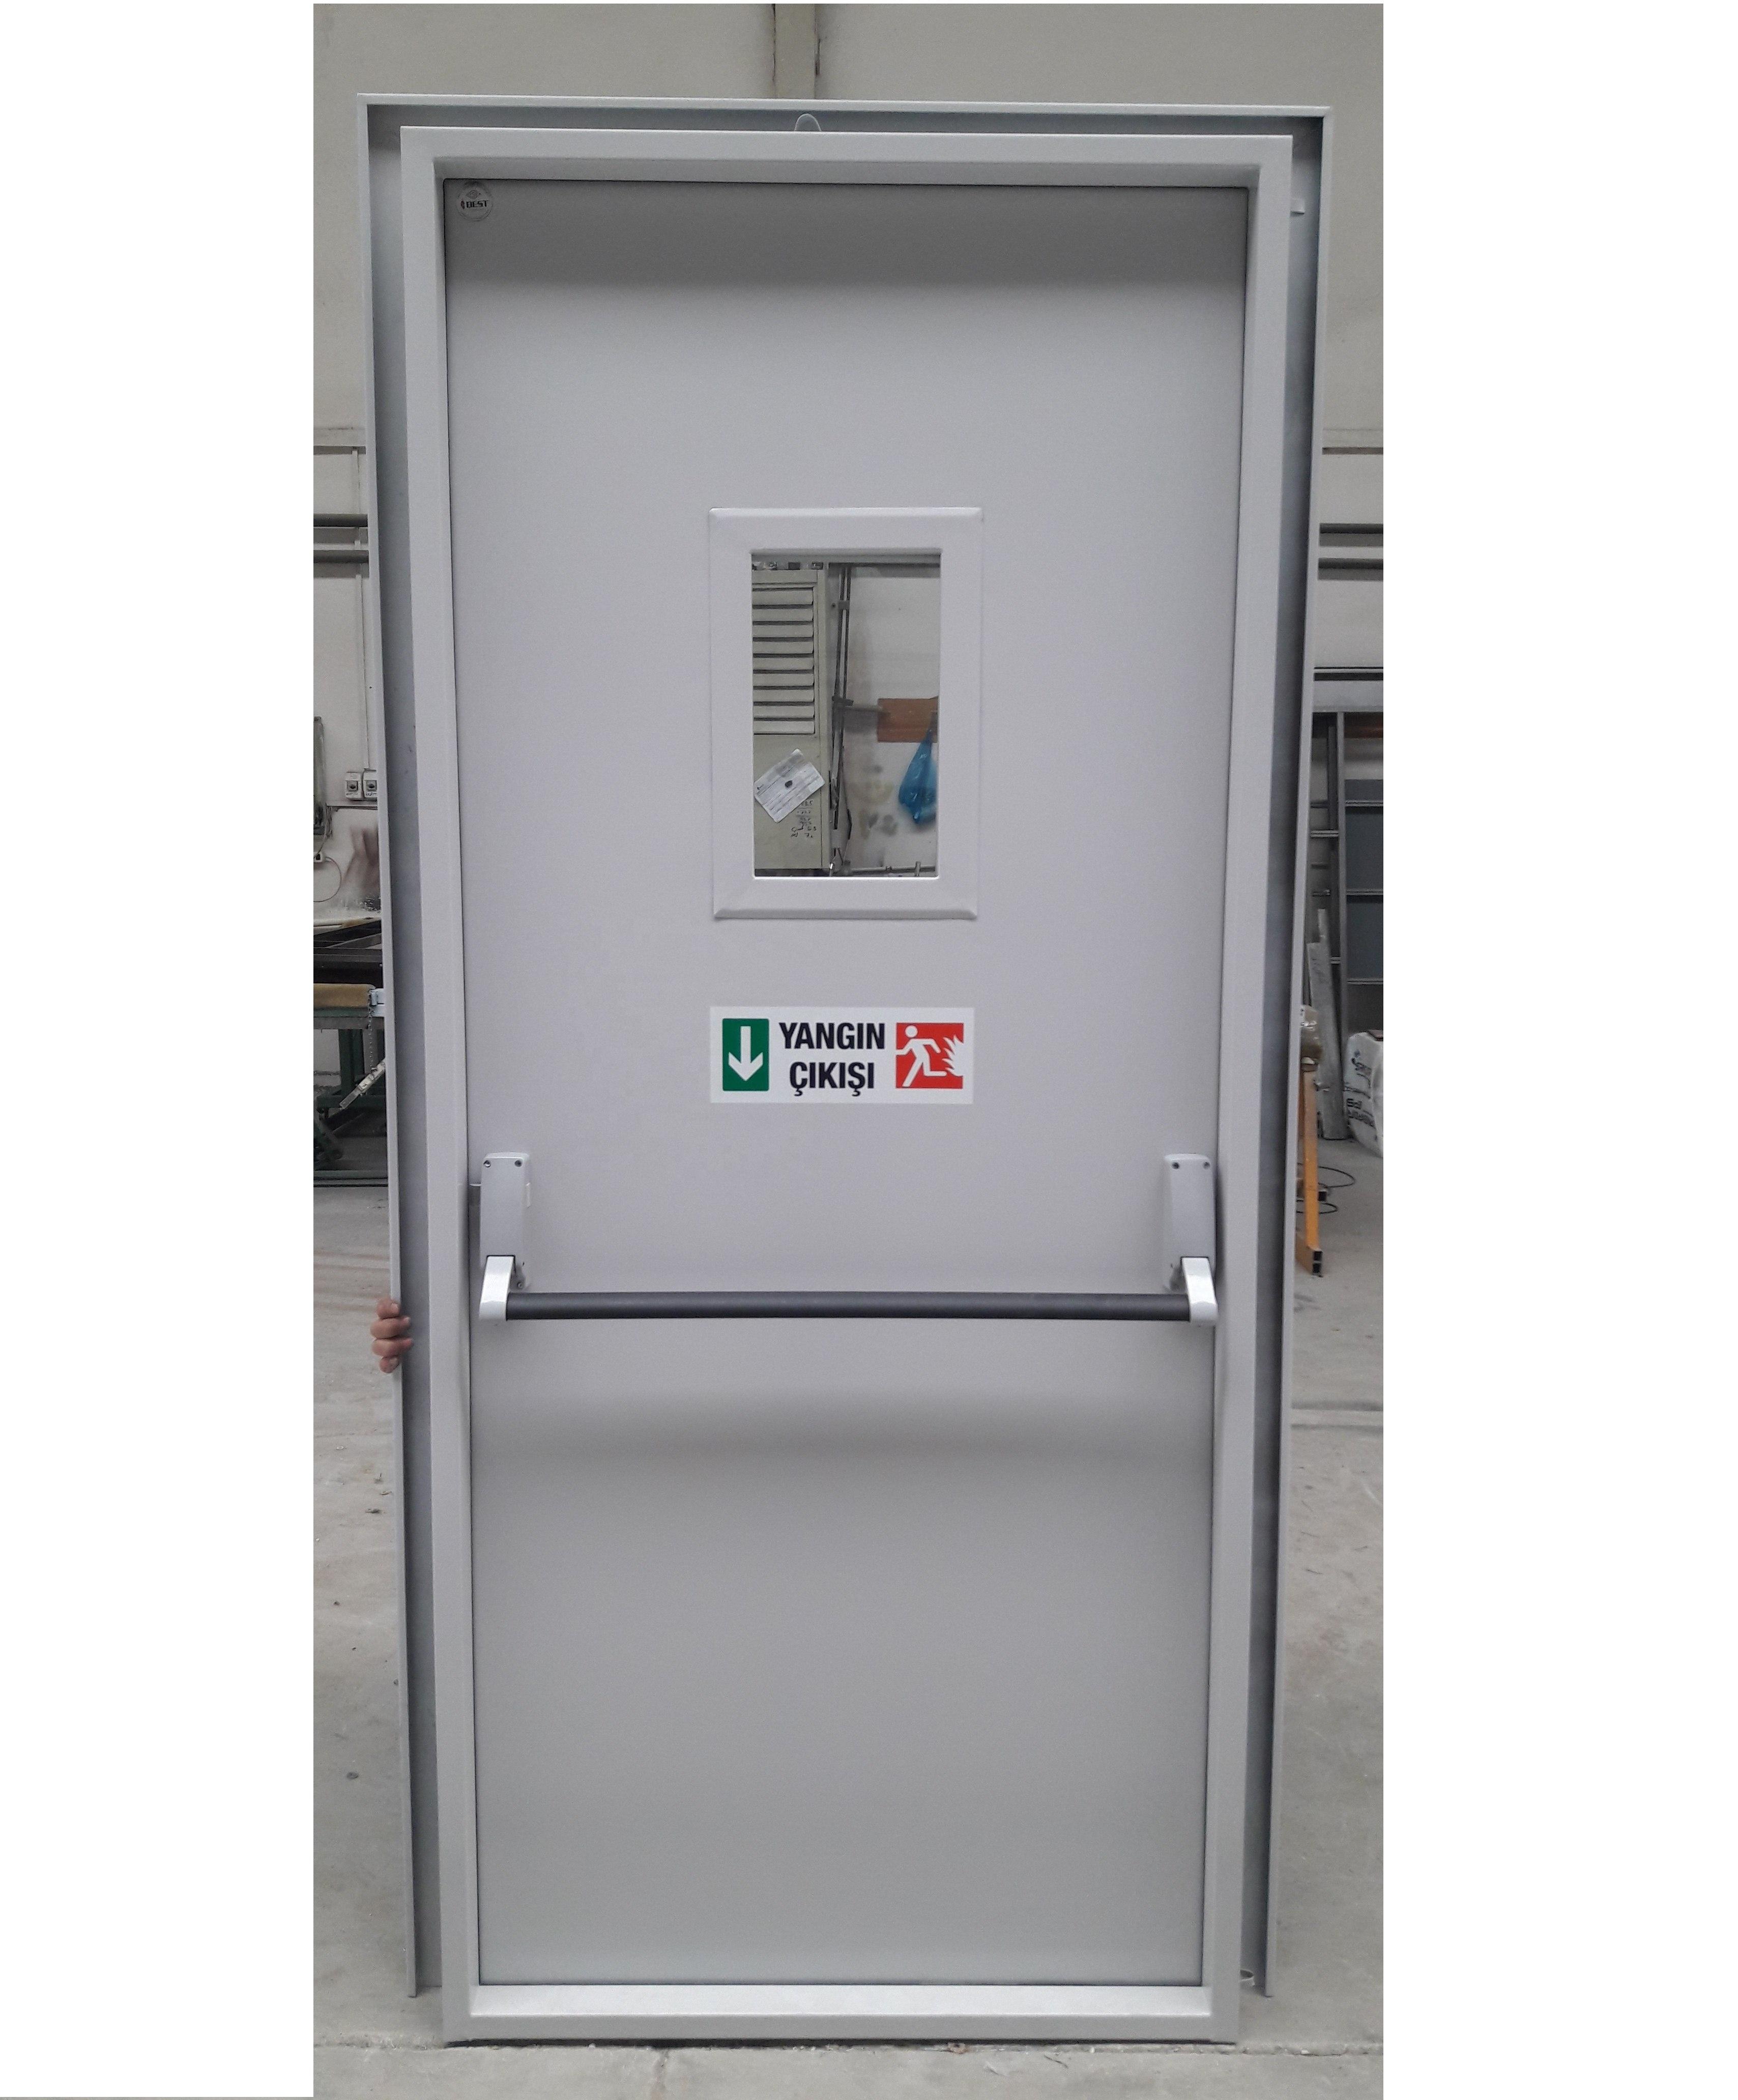 Fire Rated Door Fire Exit Door Emergency Exit Door With Glass Buy Fire Door Fire Rated Door With Vision Panel Emergency Exit Door Product On Alibaba Com